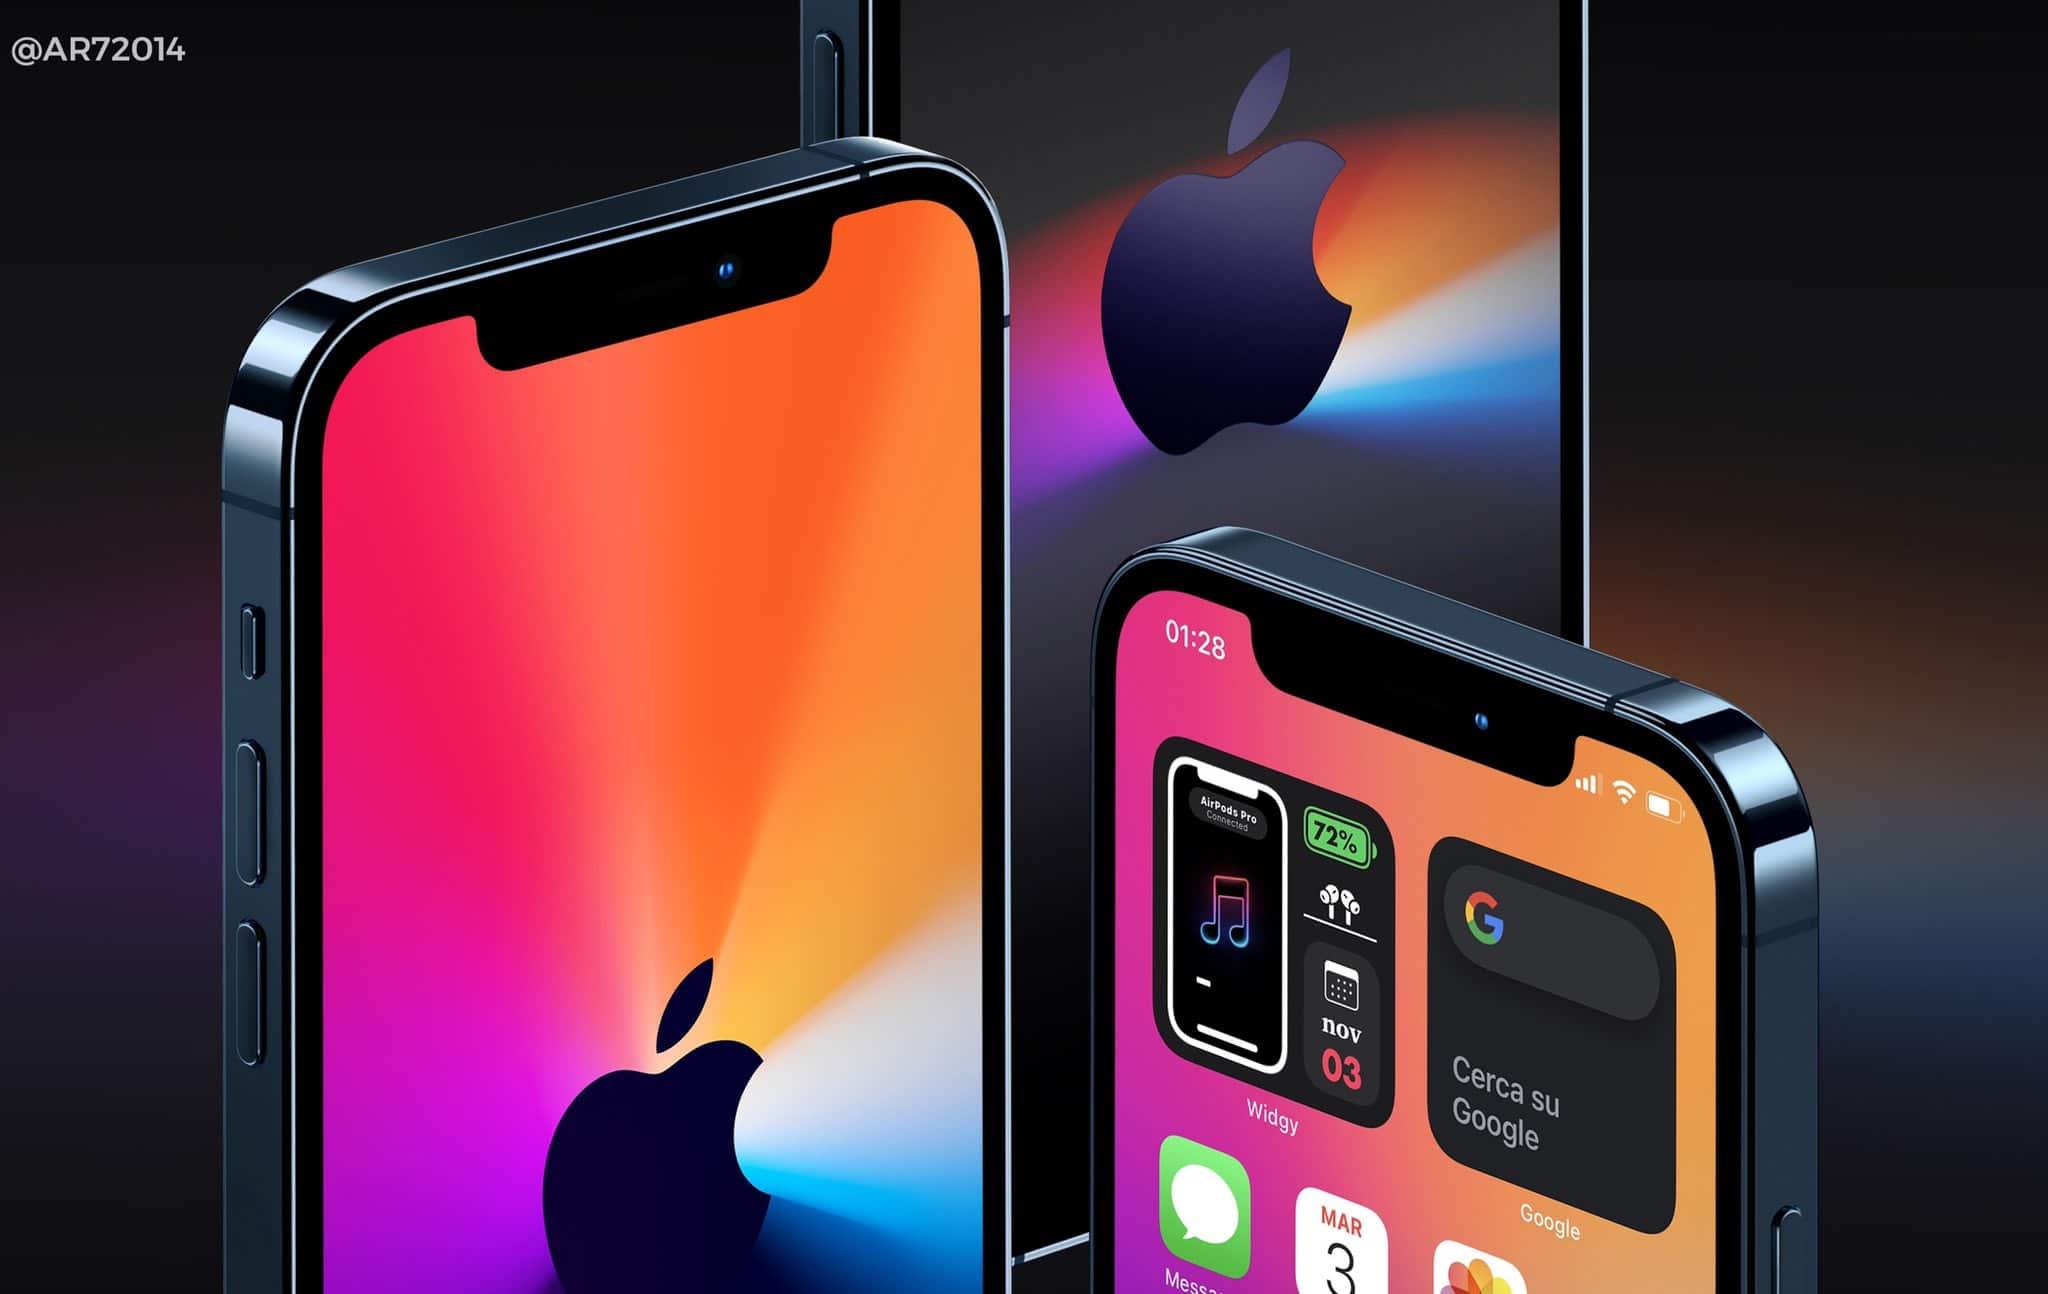 """Wallpapers baseados no convite do evento """"One More Thing"""" da Apple"""